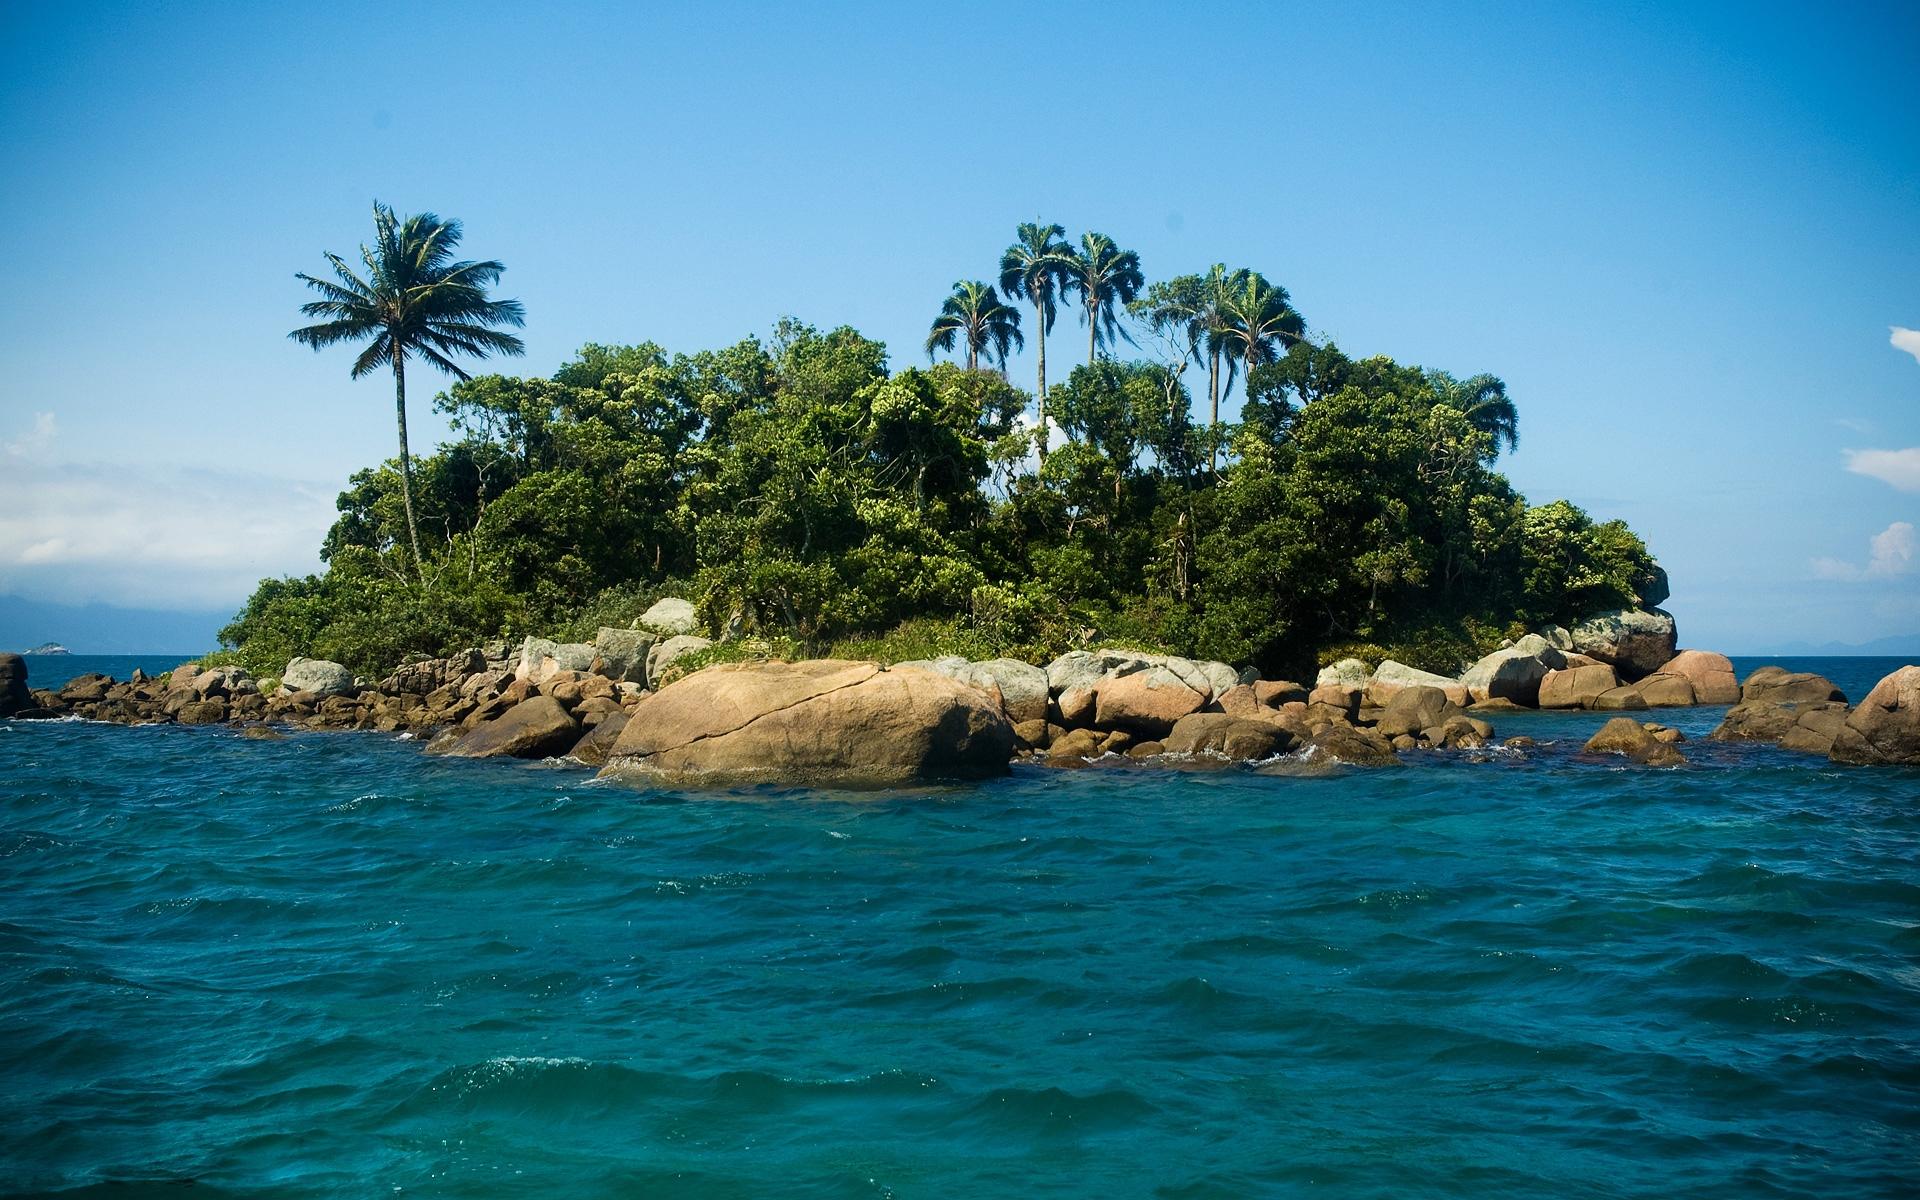 остров в океане картинки старой шапки нужно